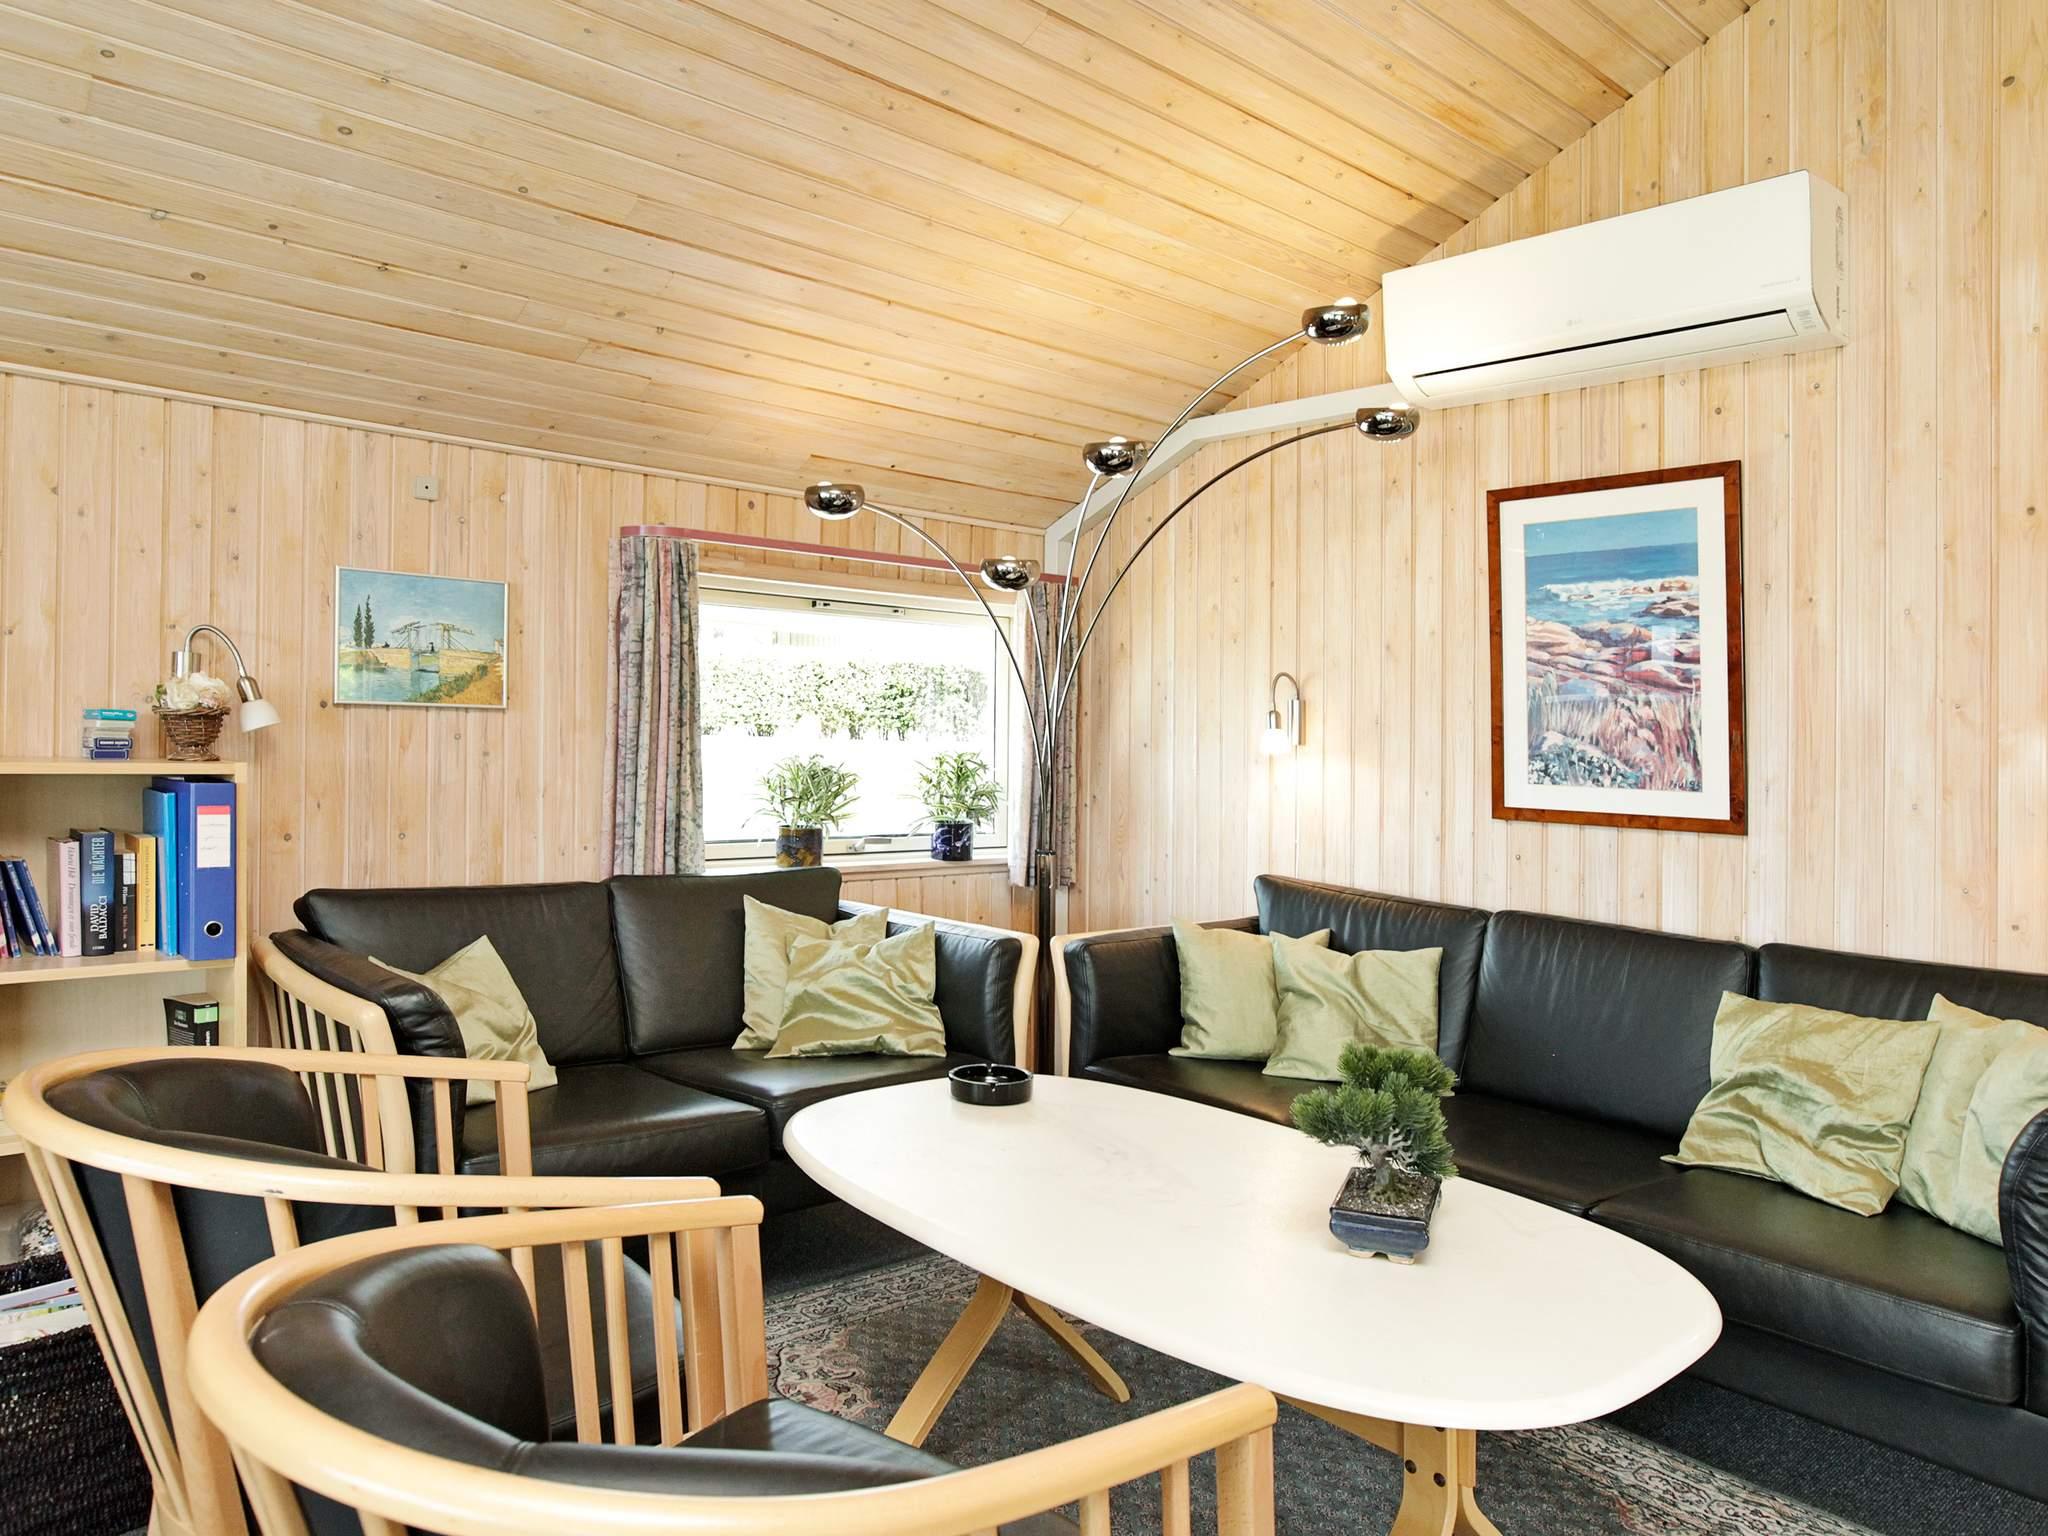 Ferienhaus Falsled (87545), Faldsled, , Fünen, Dänemark, Bild 12